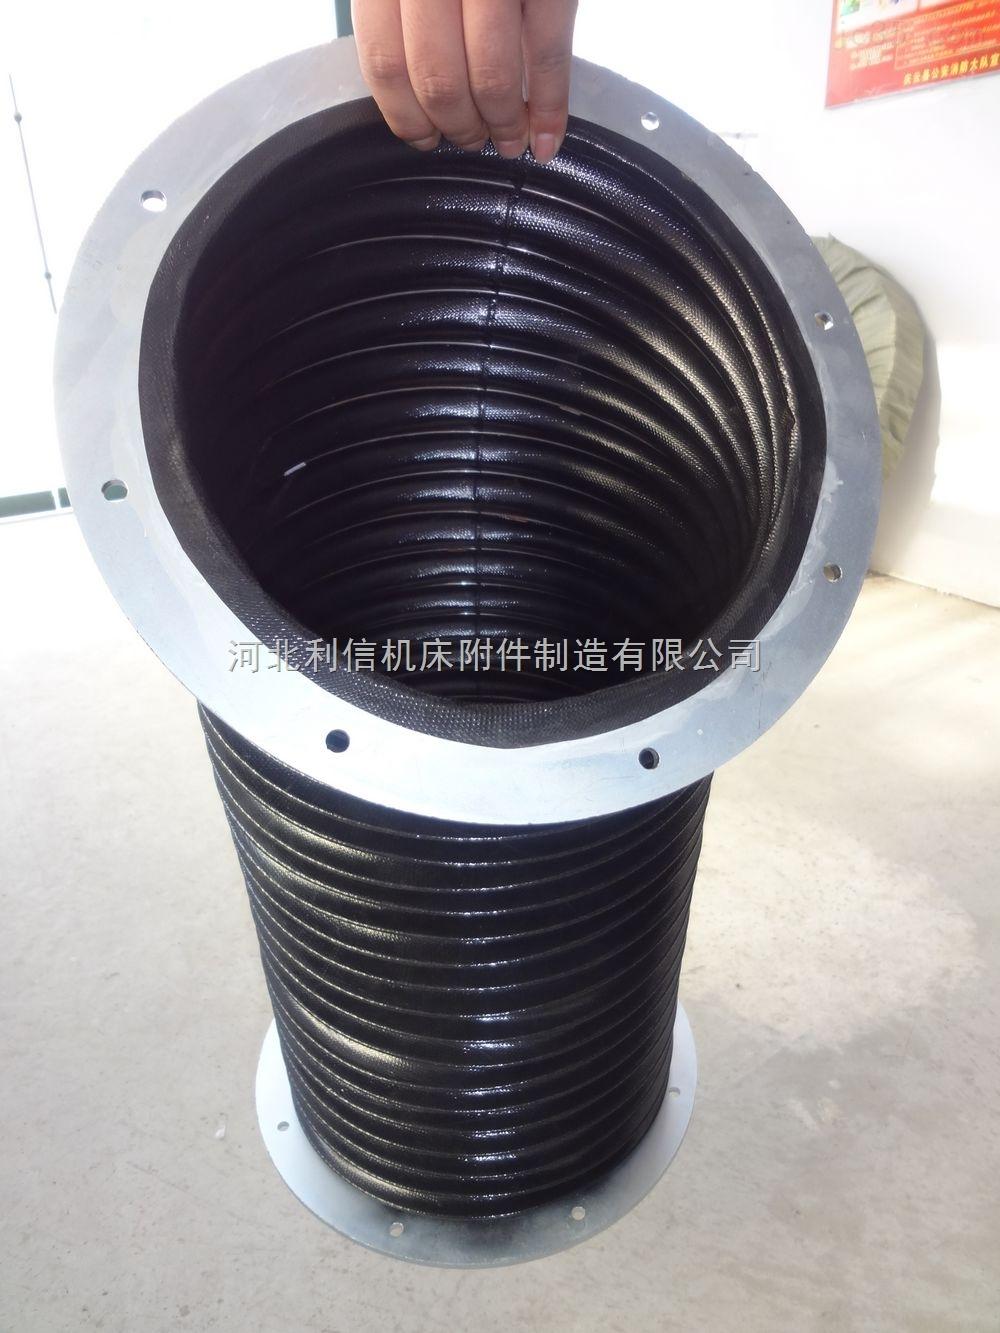 PVC材质法兰盘耐高温油缸防护套